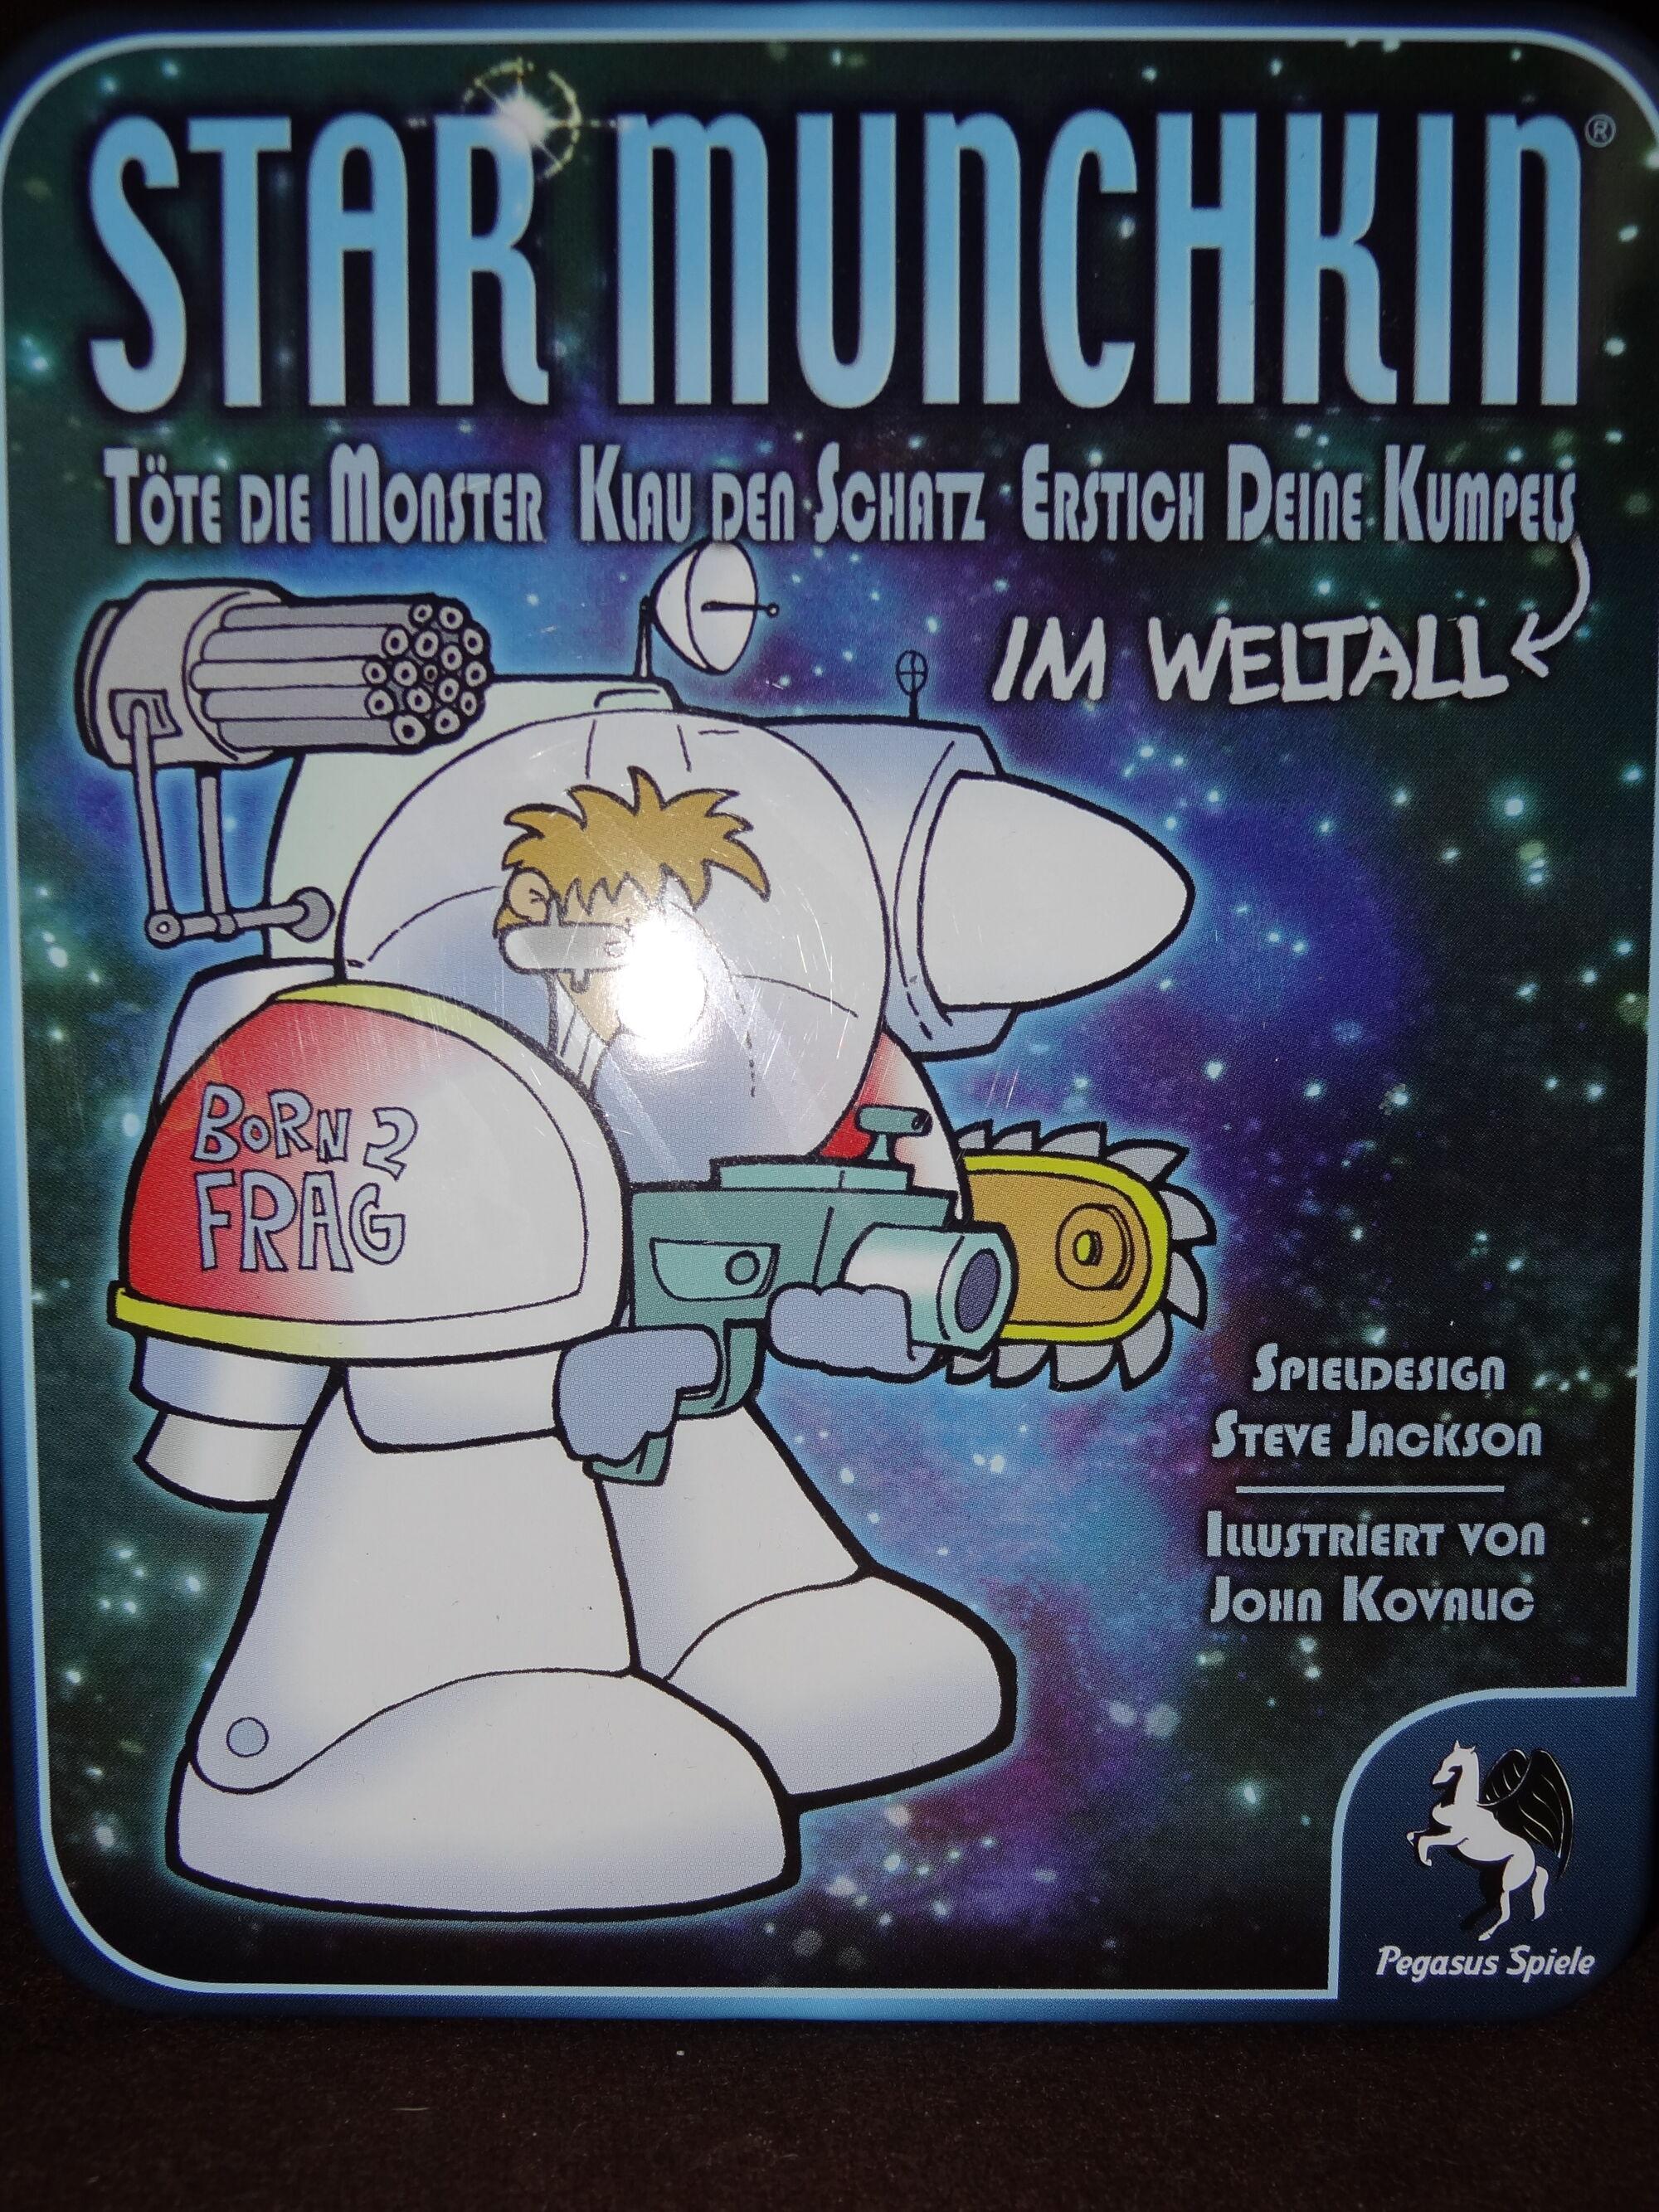 Fantastisch Munchkin Kessel Fehlercodes Zeitgenössisch - Der ...